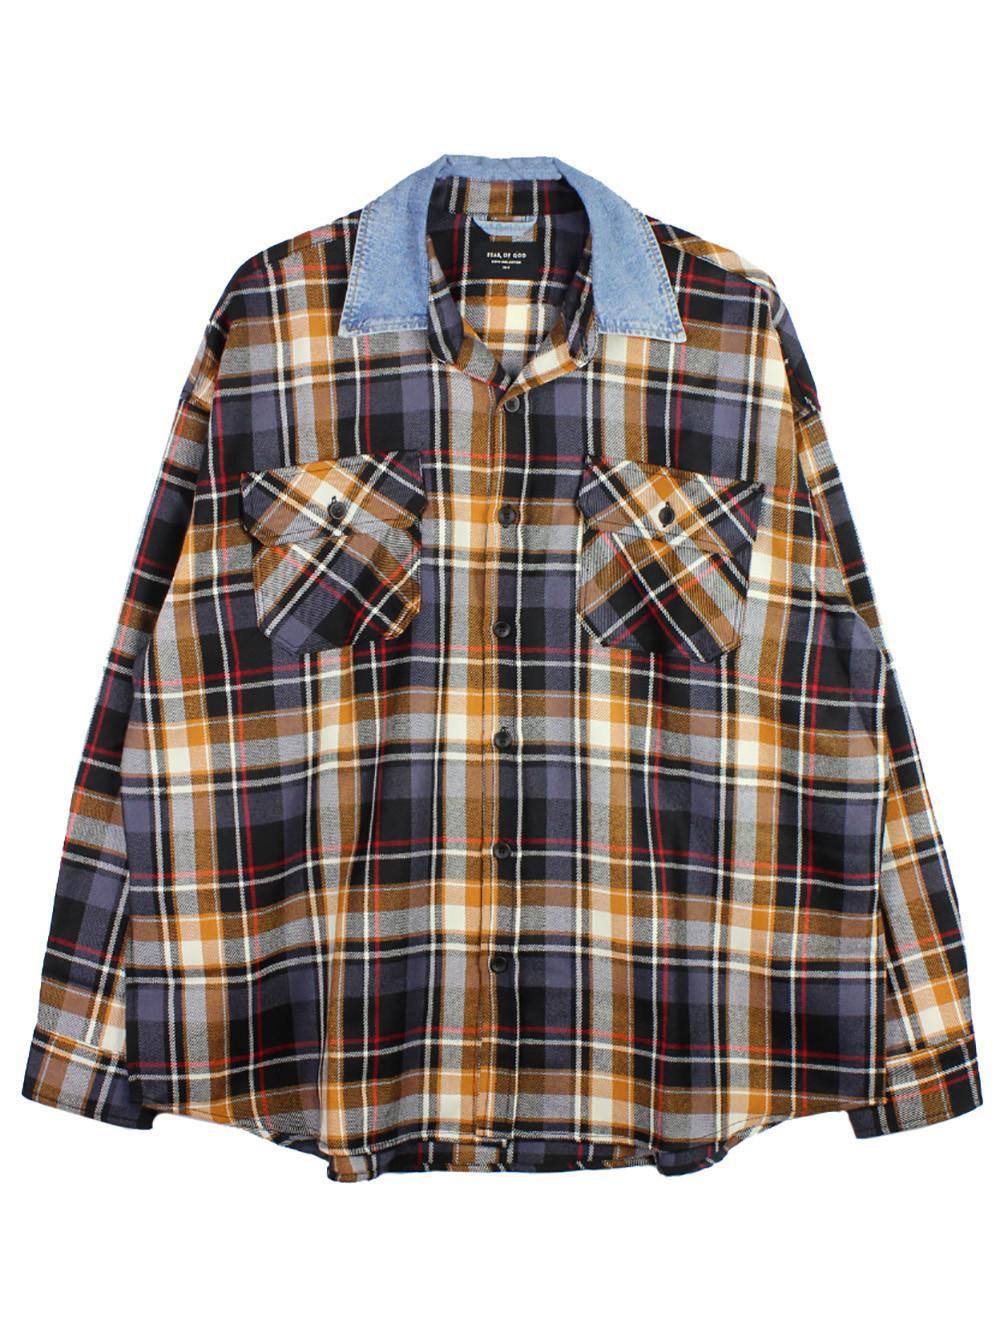 525b00fa74 Lyst - Fear Of God Muticolor Denim Collared Flannel Shirt in Blue ...